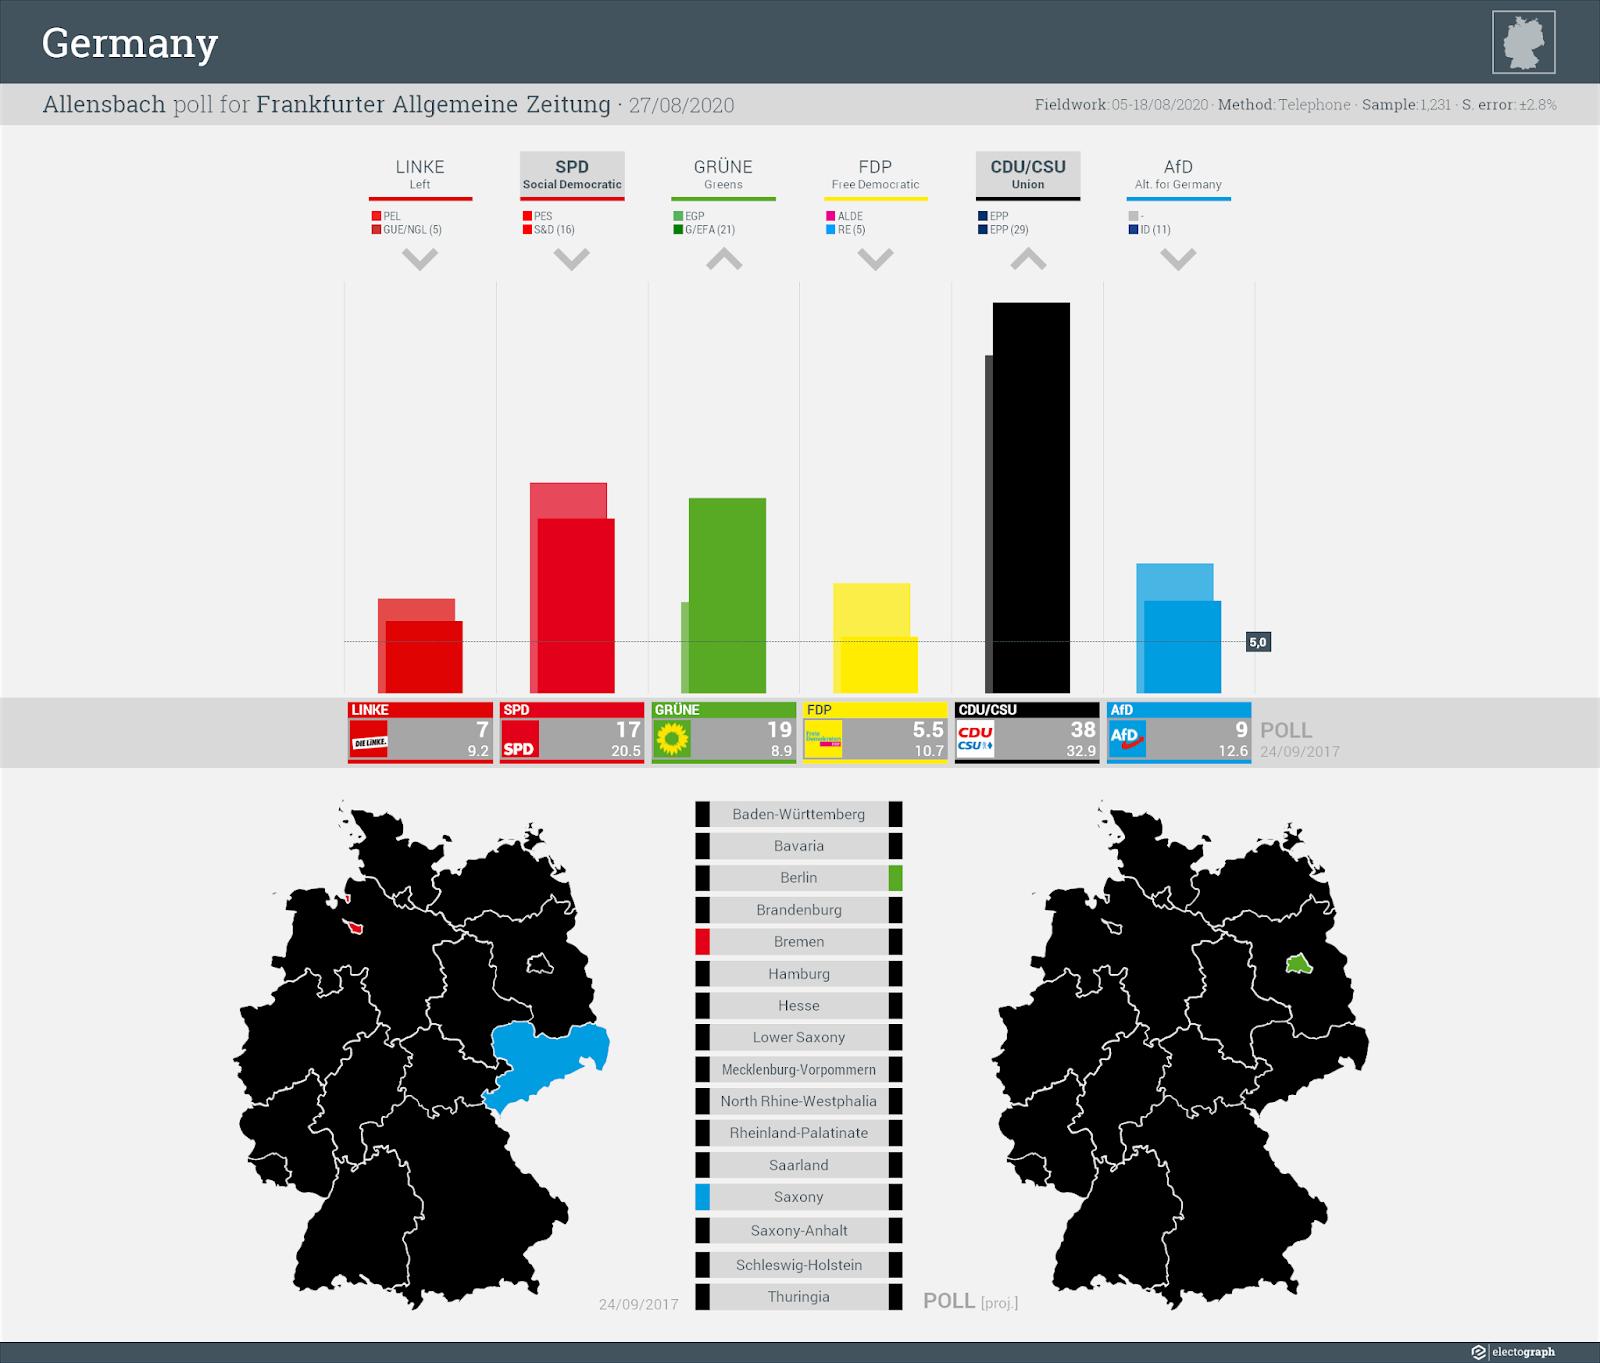 GERMANY: Allensbach poll chart for Frankfurter Allgemeine Zeitung, 27 August 2020